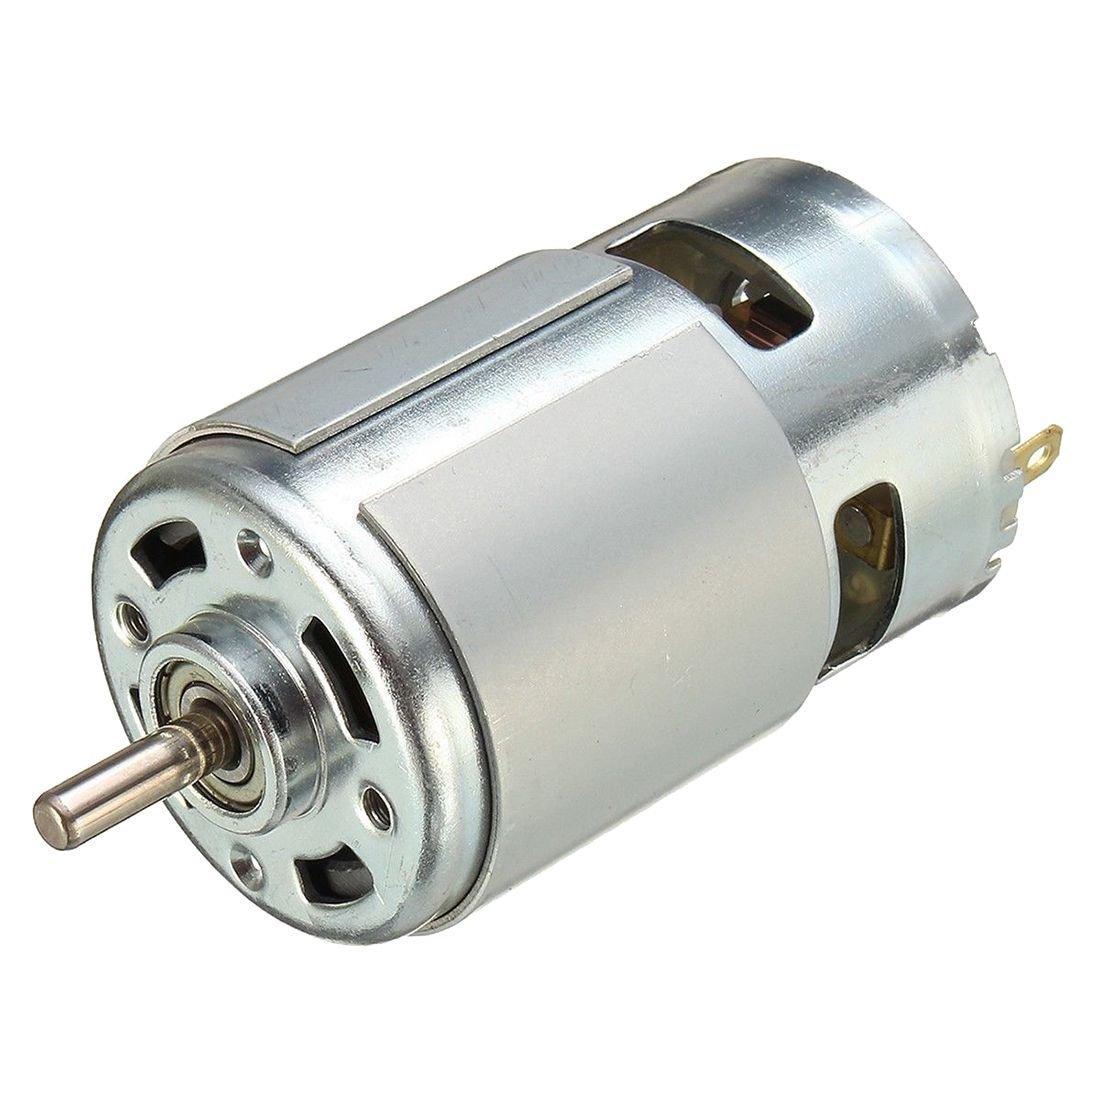 SODIAL(R) 775 DC 12V-36V 3500-9000RPM Motor Large Torque Ball Bearing High Power Low Noise